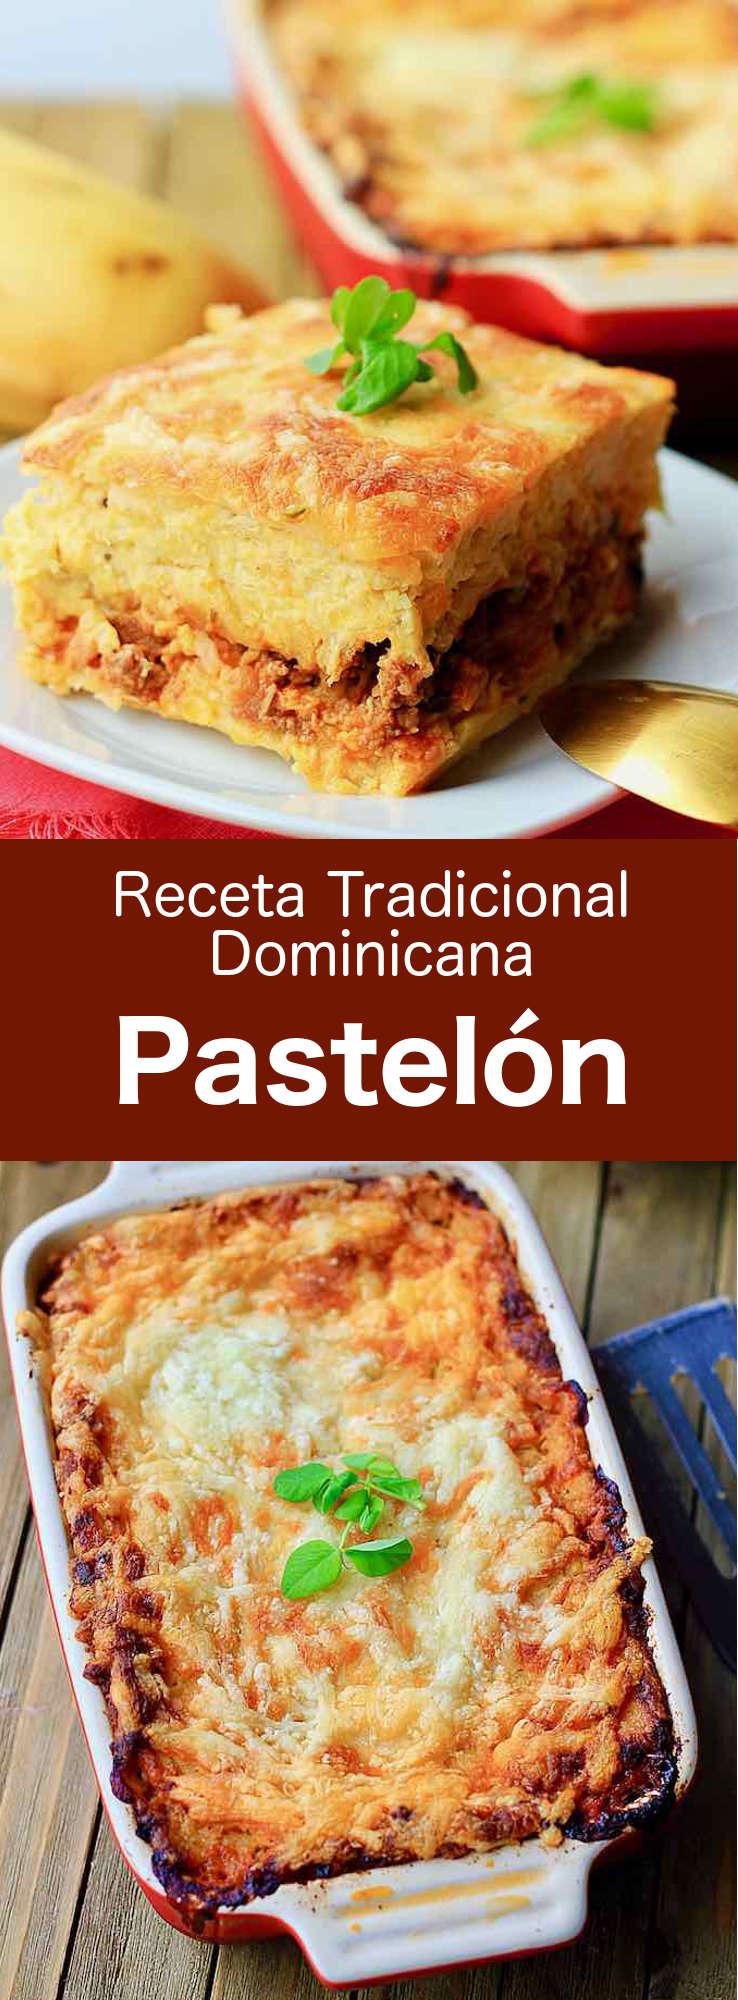 El pastelón de plátano maduro es un plato de la República Dominicana compuesto de plátanos, carne molida, queso y hierbas, que es popular en el Caribe. #RepublicaDominica #RecetaDominica #196flavors